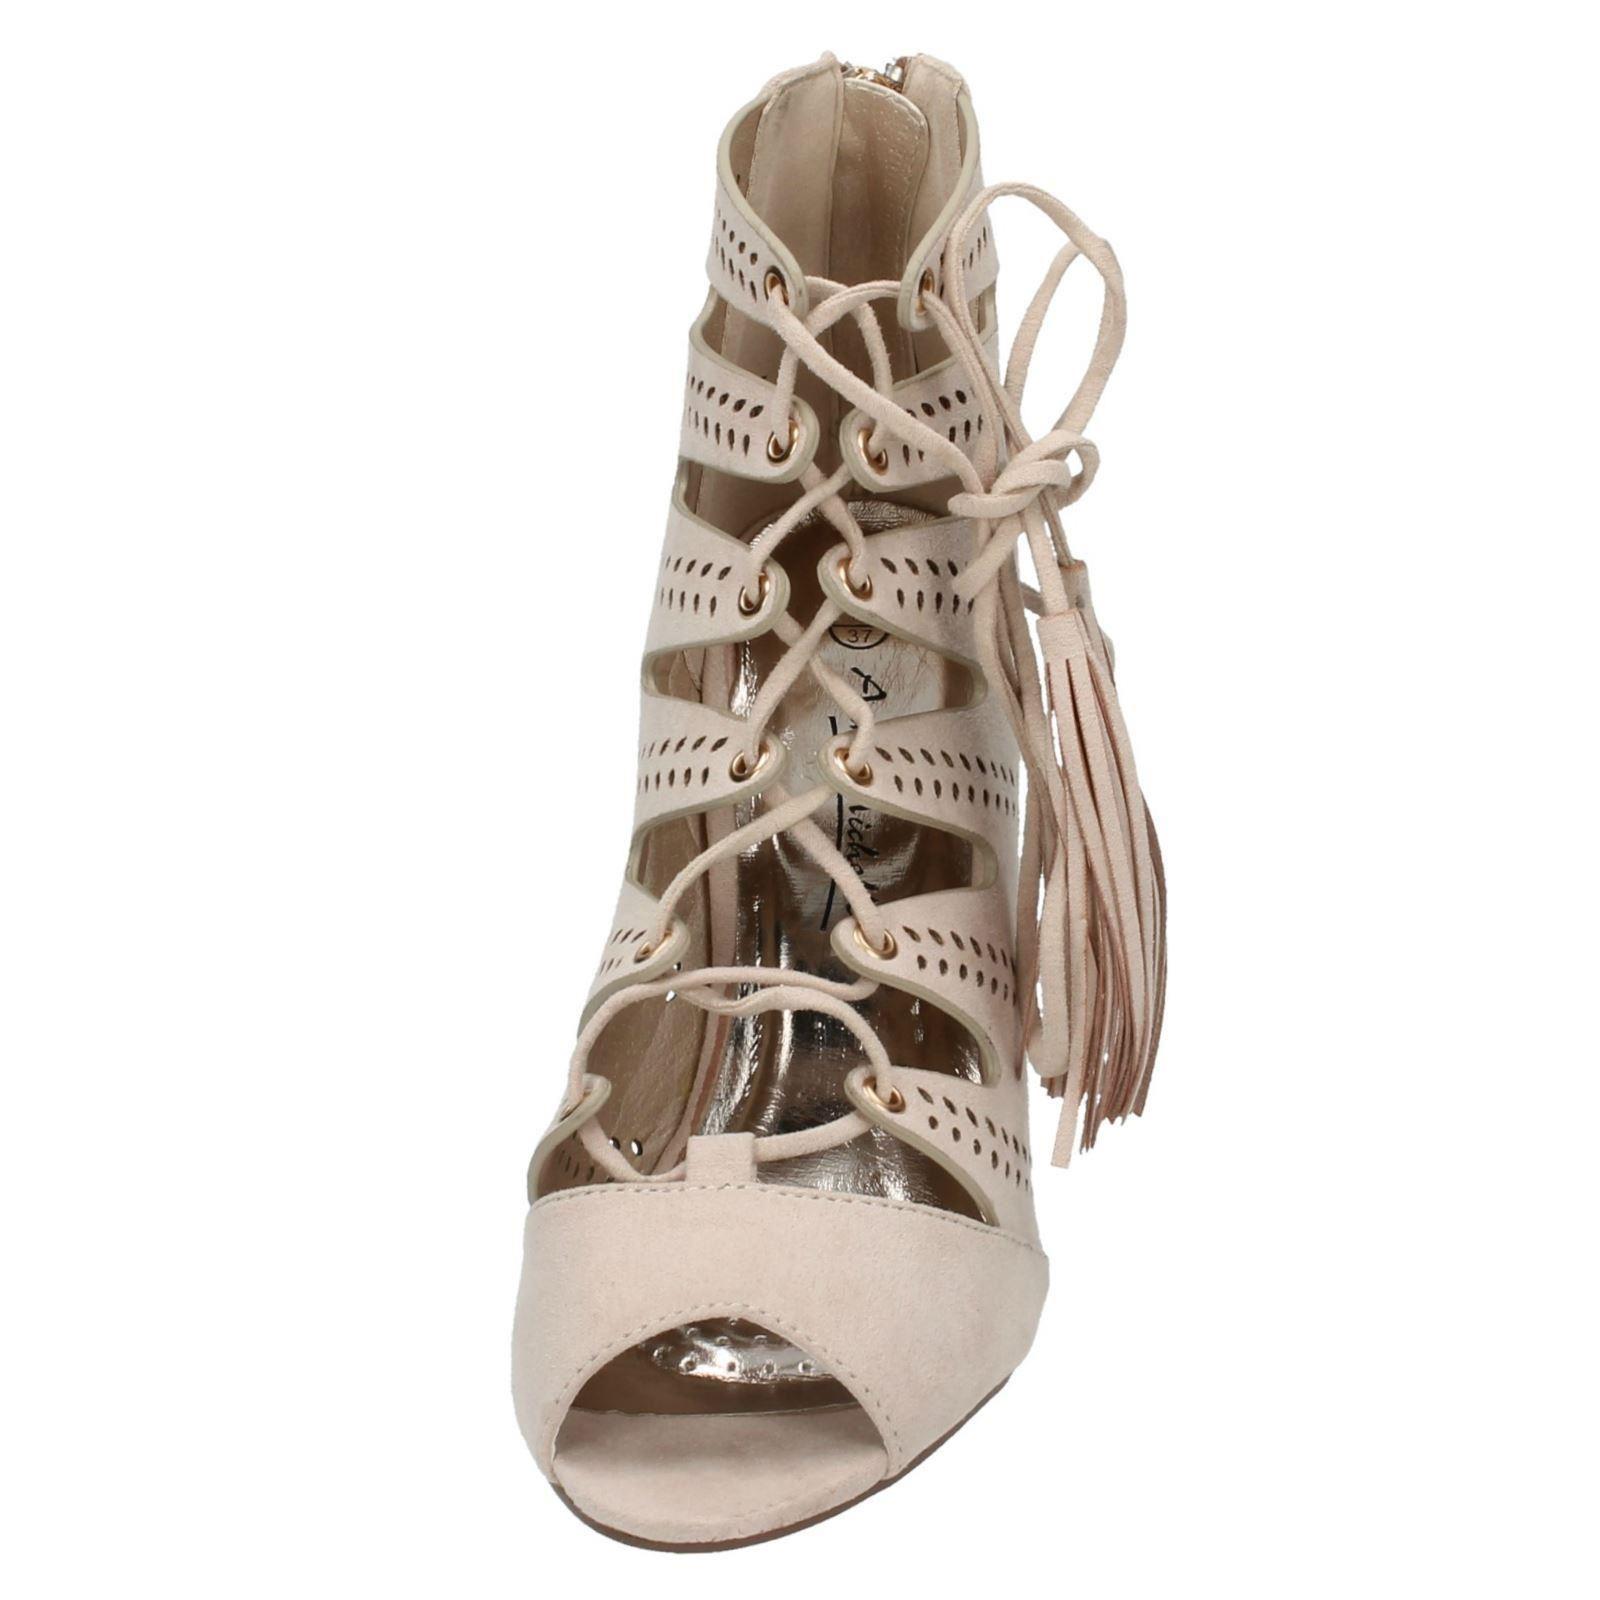 Damas Anne Michelle Sandalia tacones altos con cordones de F10475